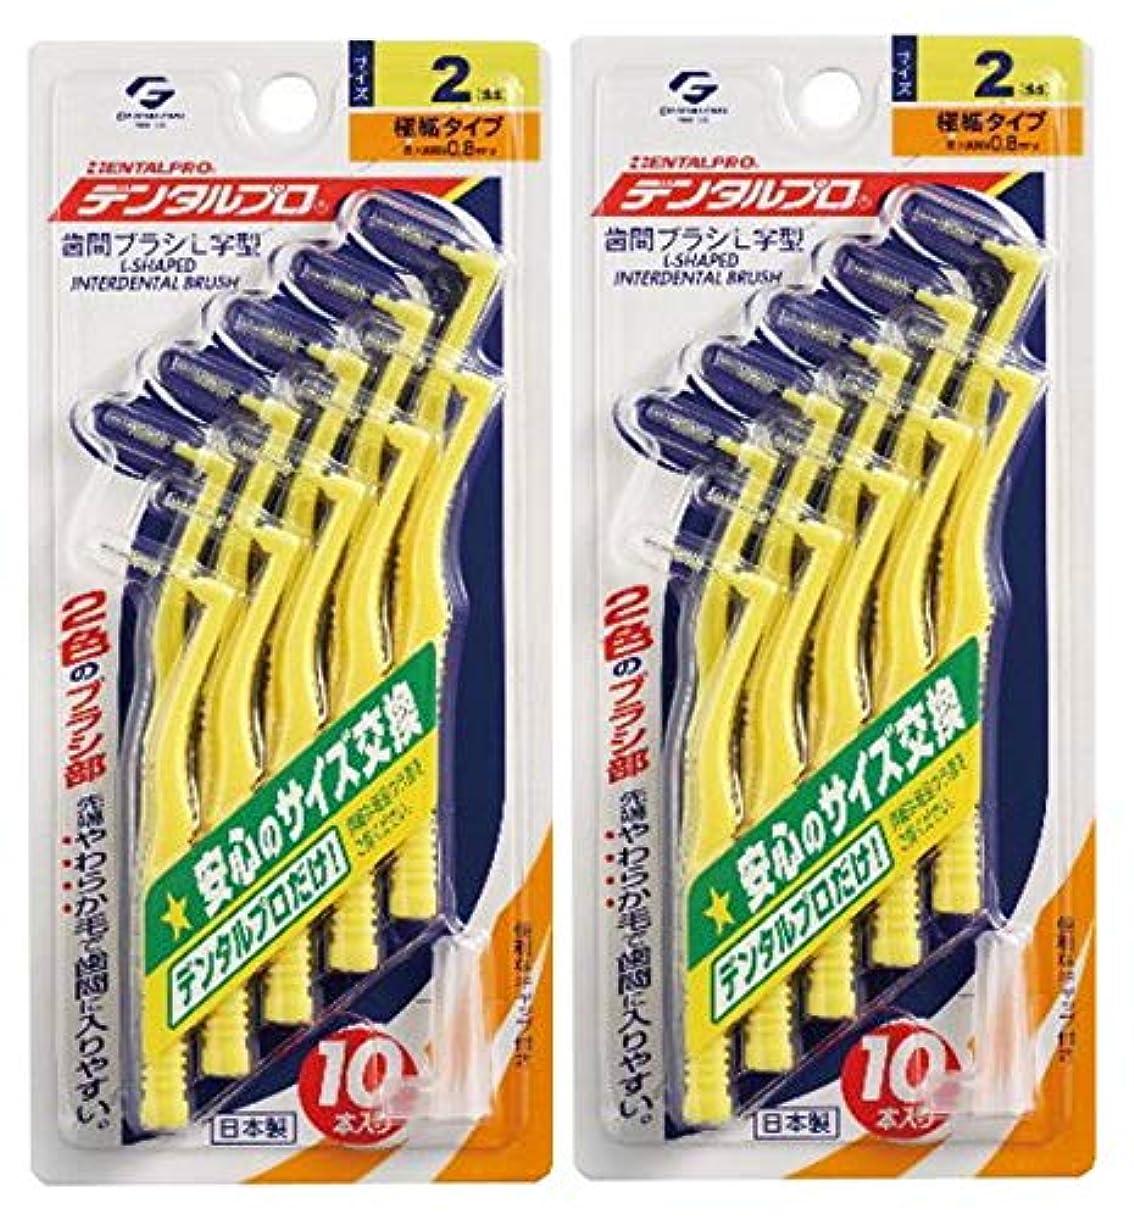 天皇かんがいストレッチデンタルプロ 歯間ブラシ L字型 10本入 サイズ 2 (SS) × 2個セット